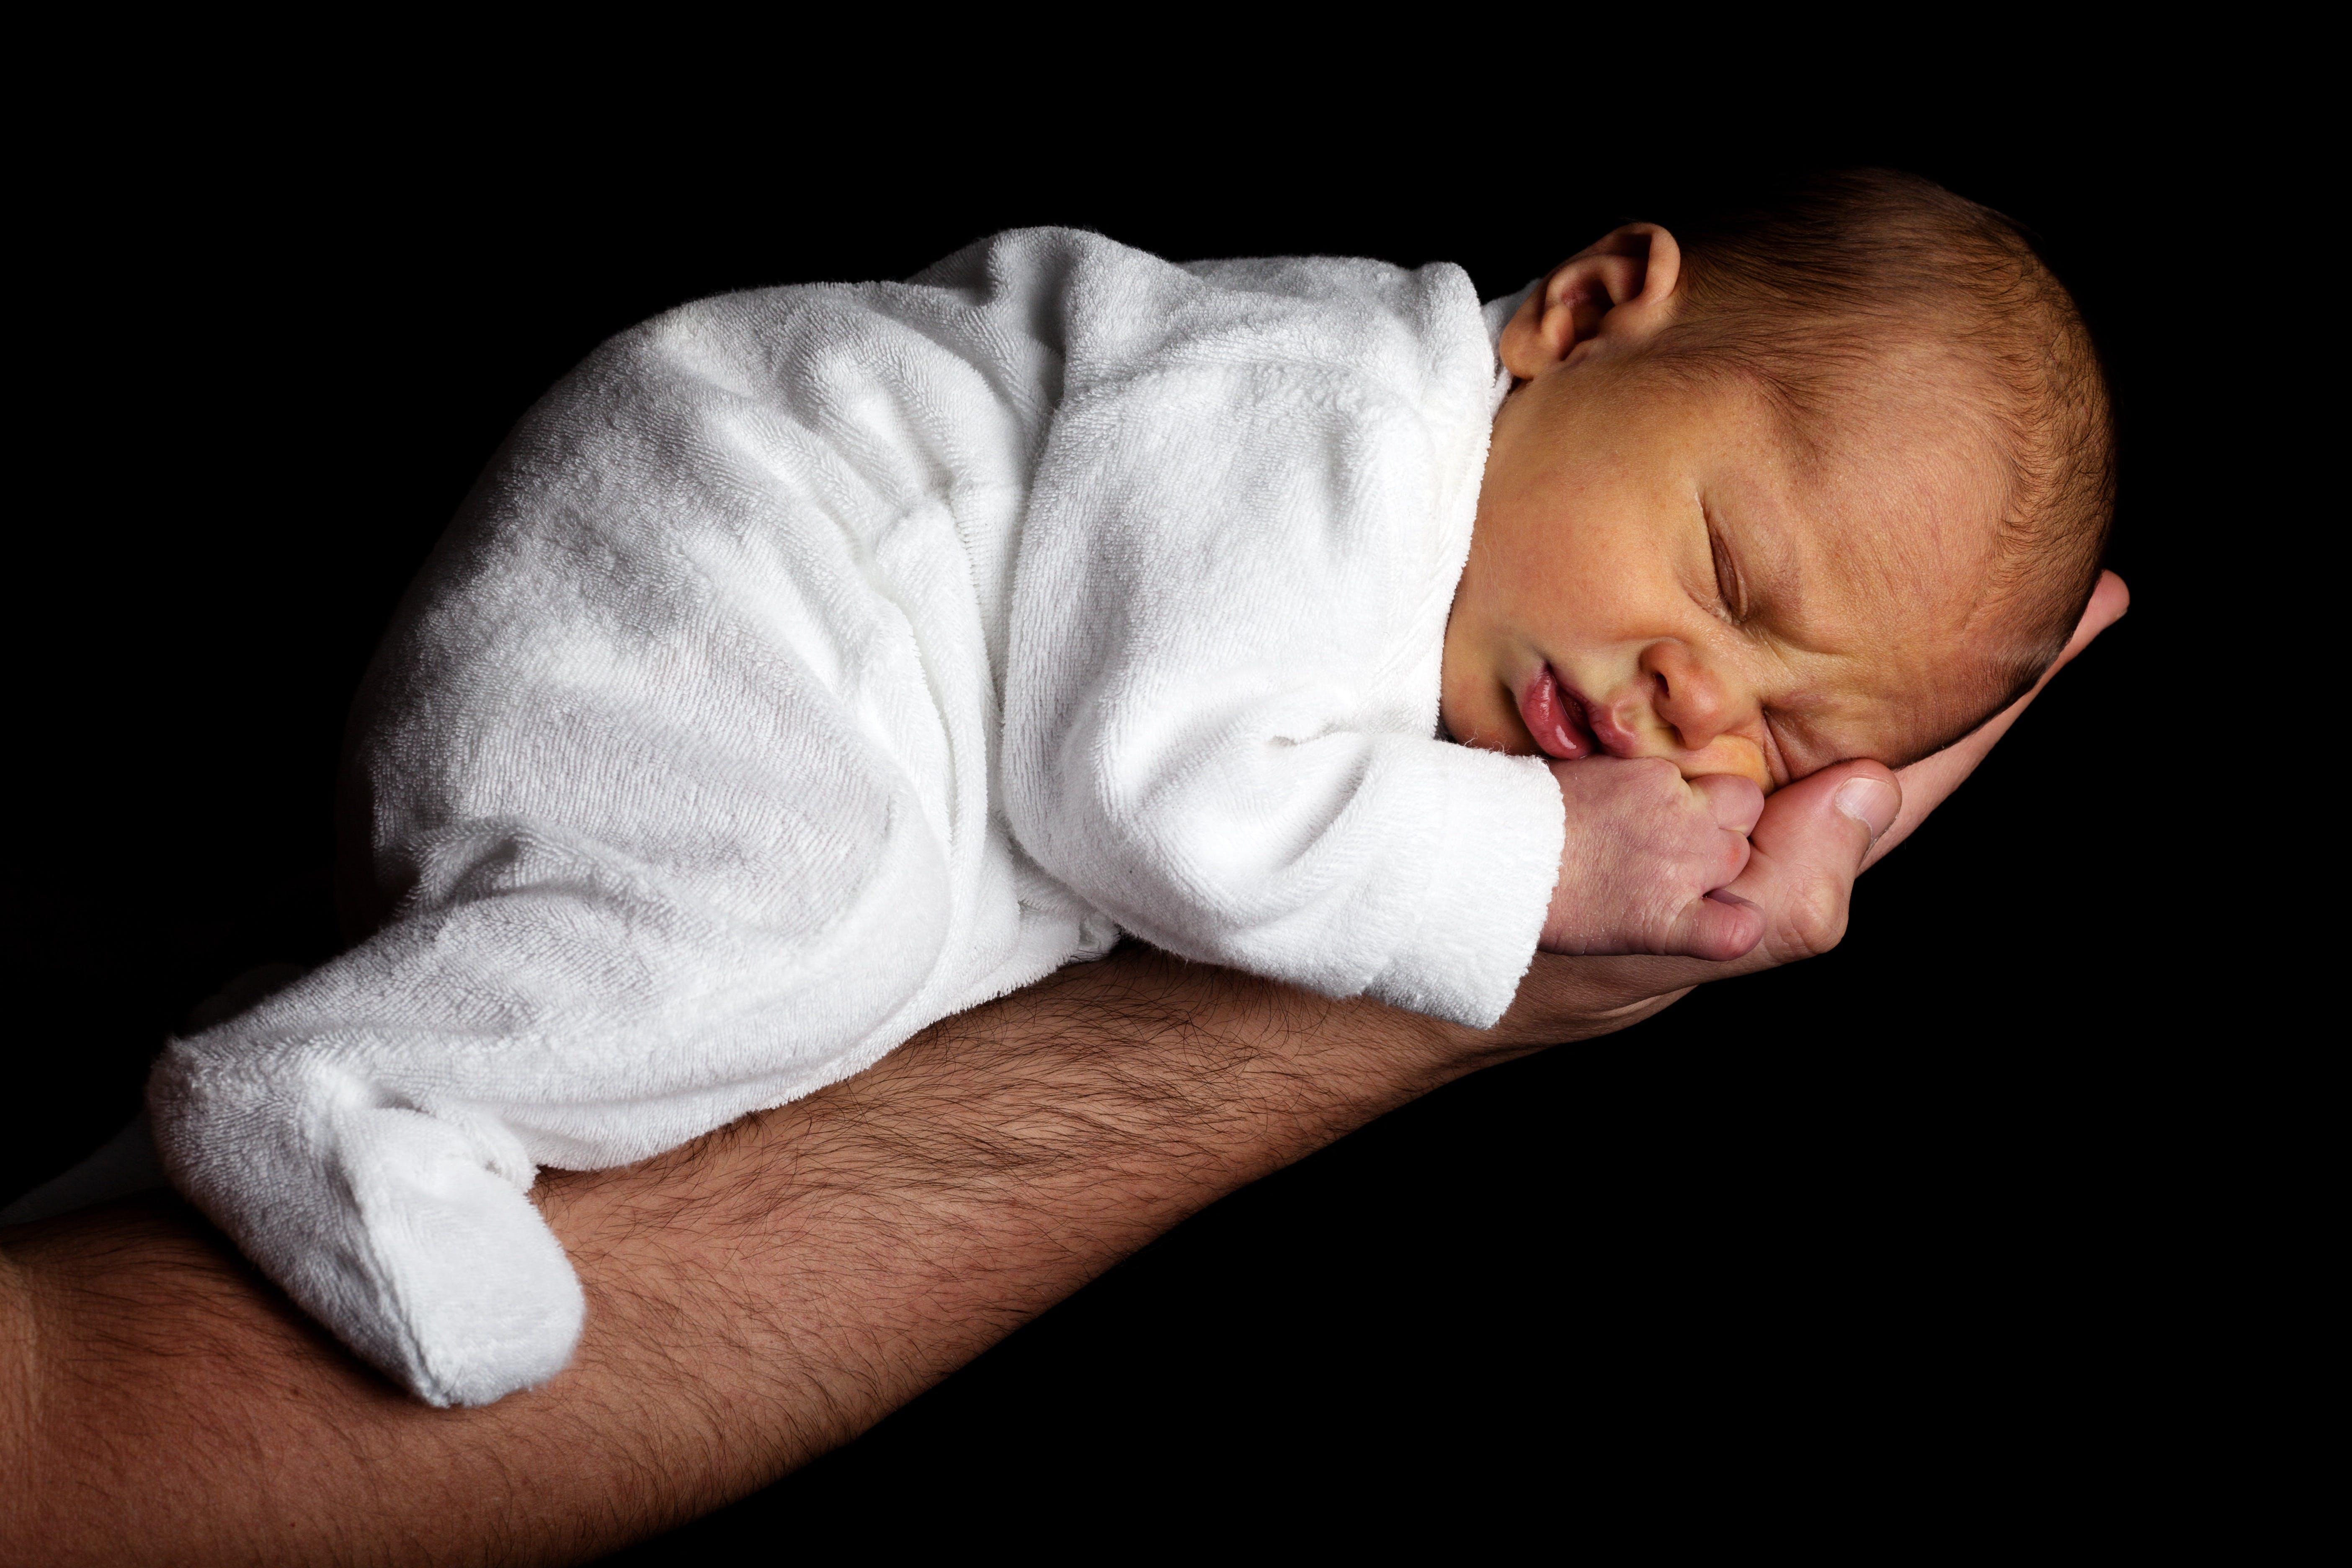 Immagine gratuita di addormentato, bambino, braccio, infante